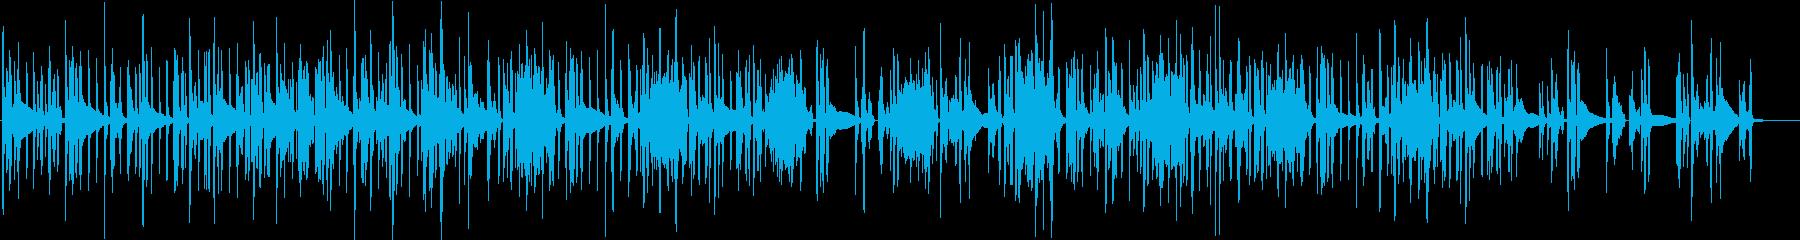 スローで綺麗な音のエレクトロニカの再生済みの波形